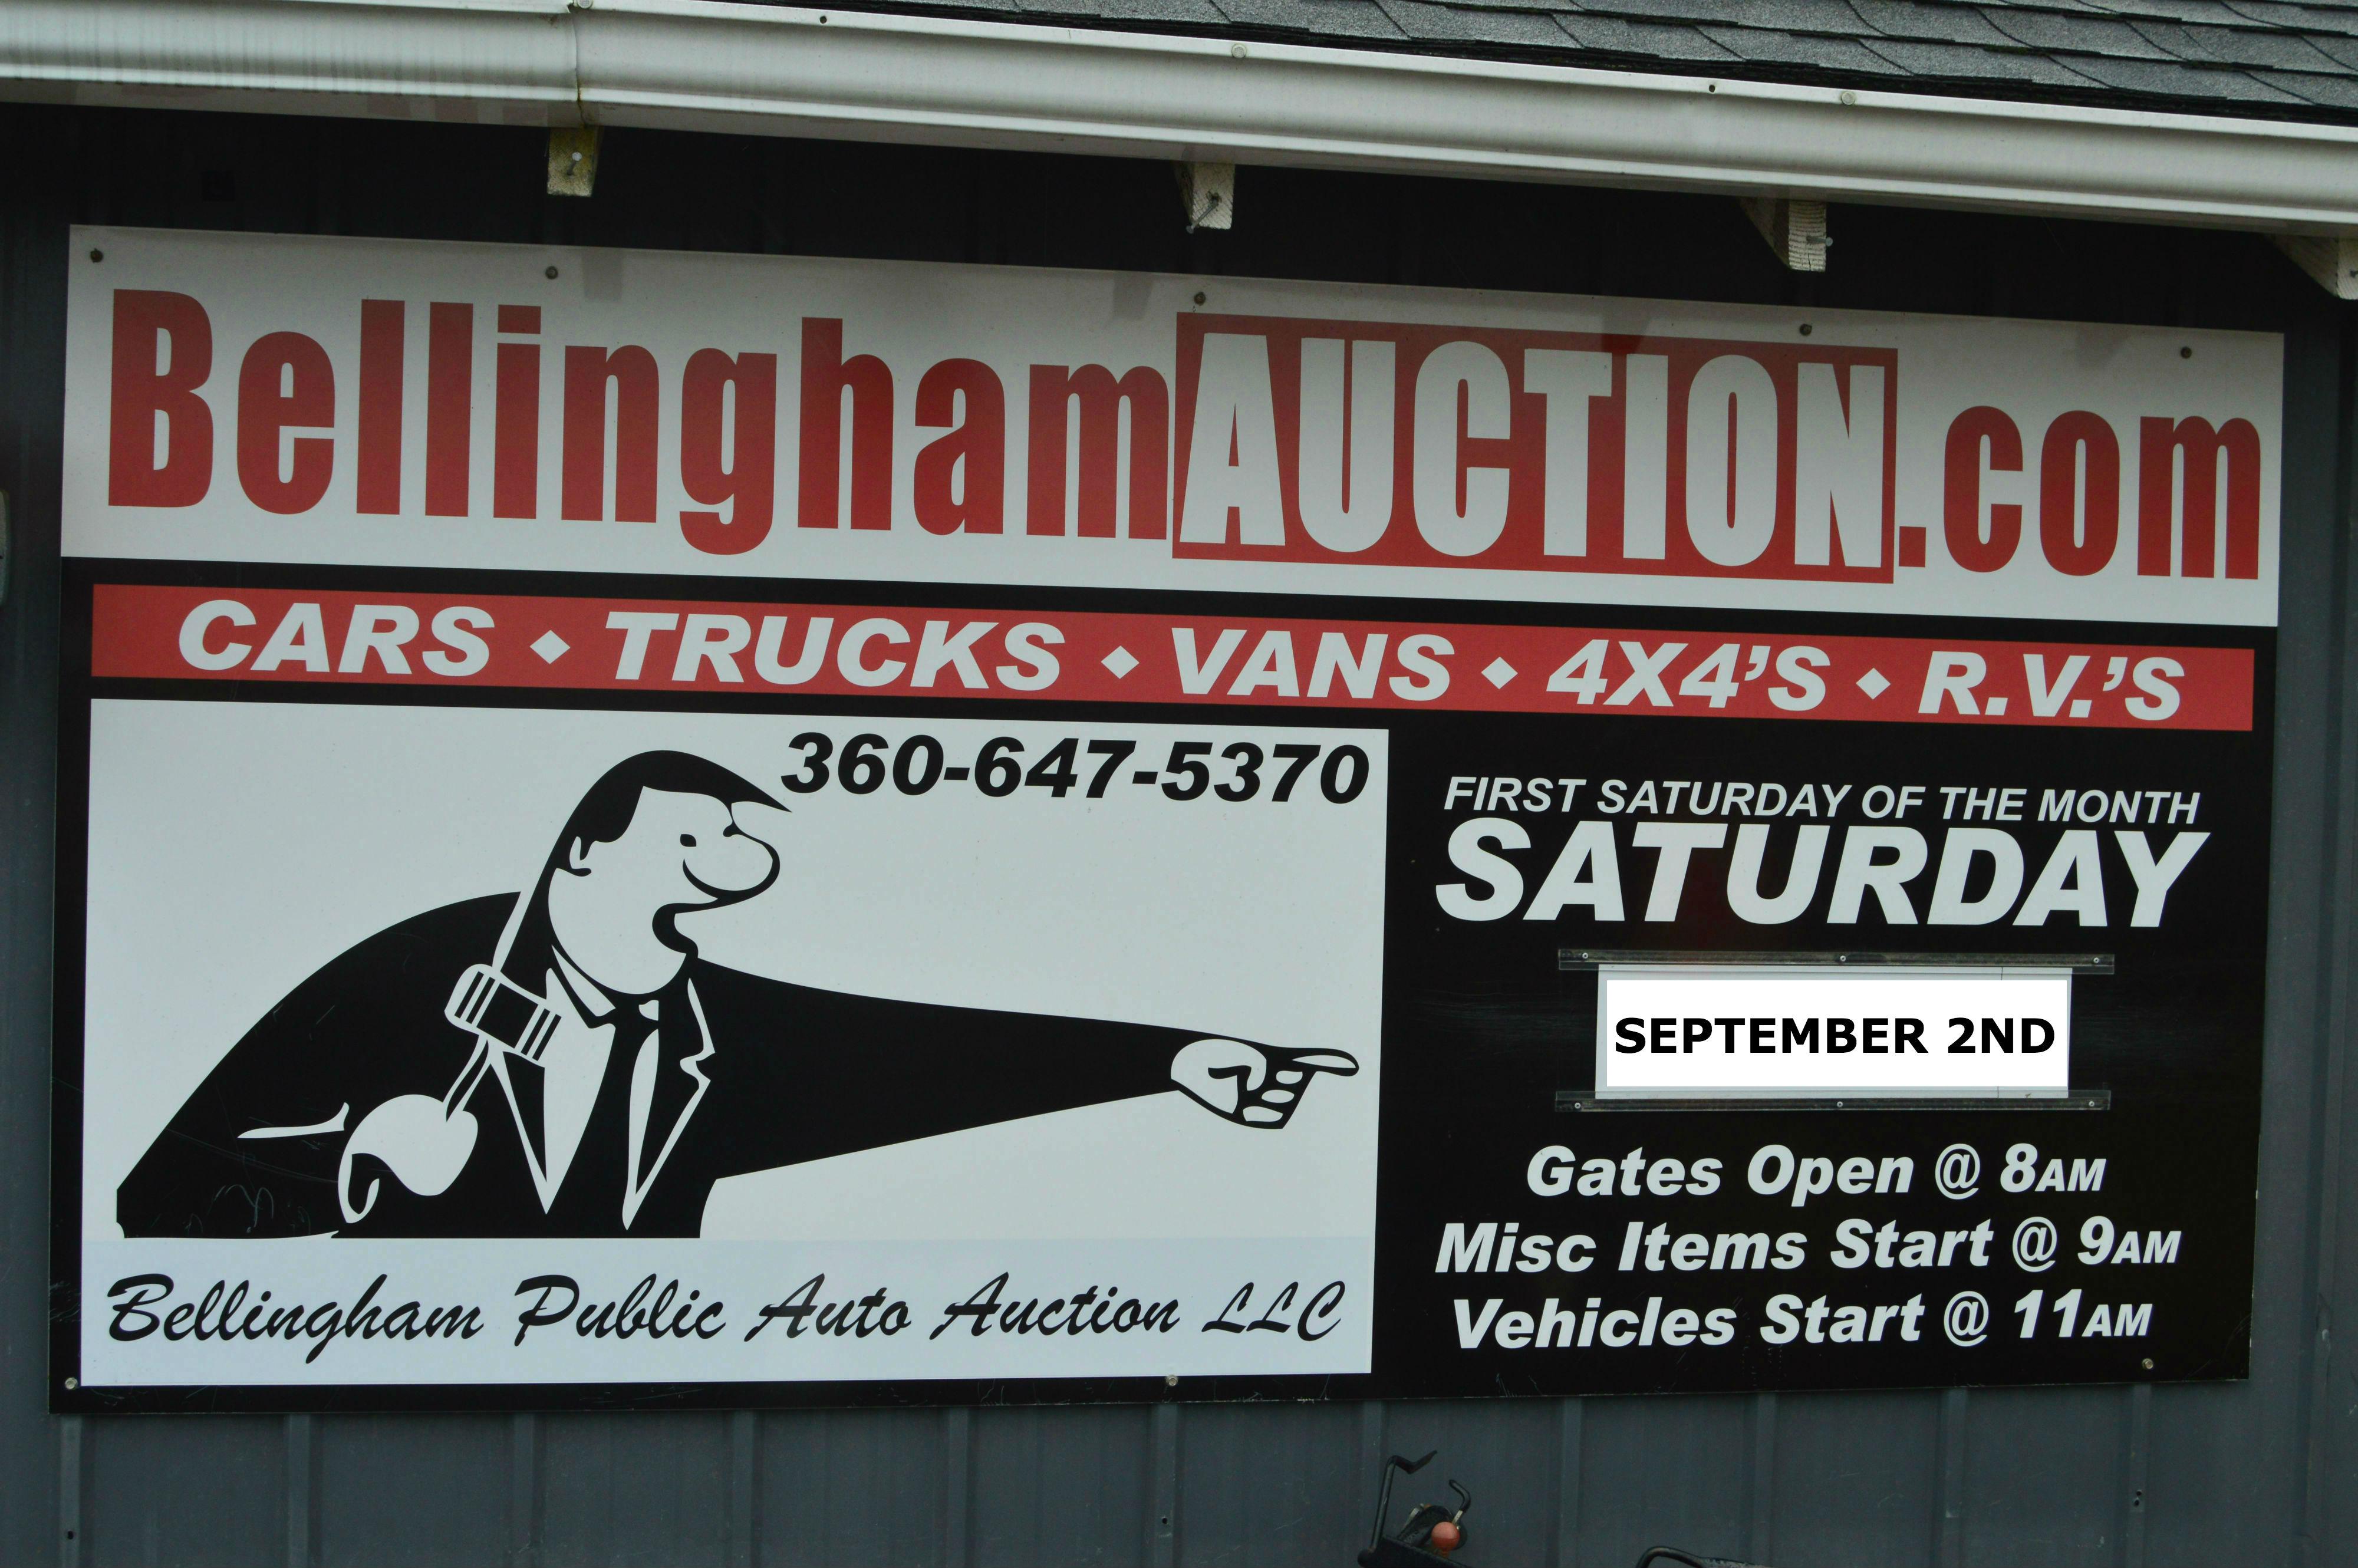 Bellingham Public Auction